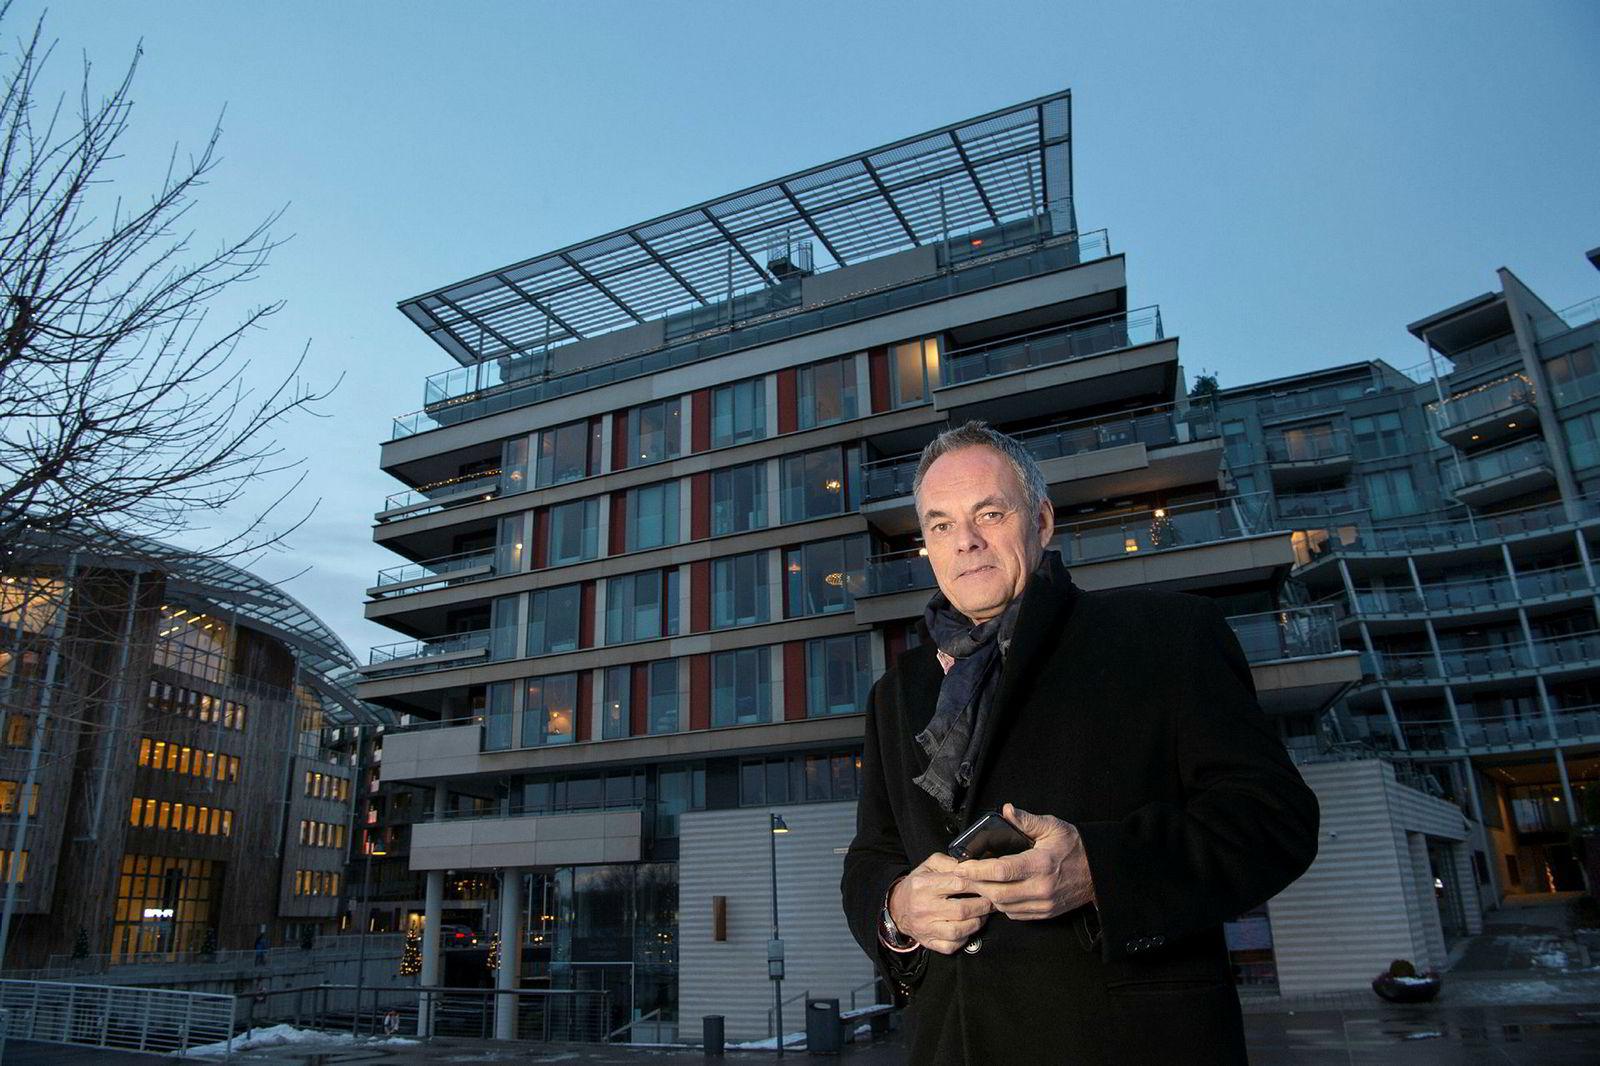 Eiendomsmegler Nils Nordvik har solgt leiligheten til Einar Aas i toppetasjen av bygget i Strandpromenaden 5.